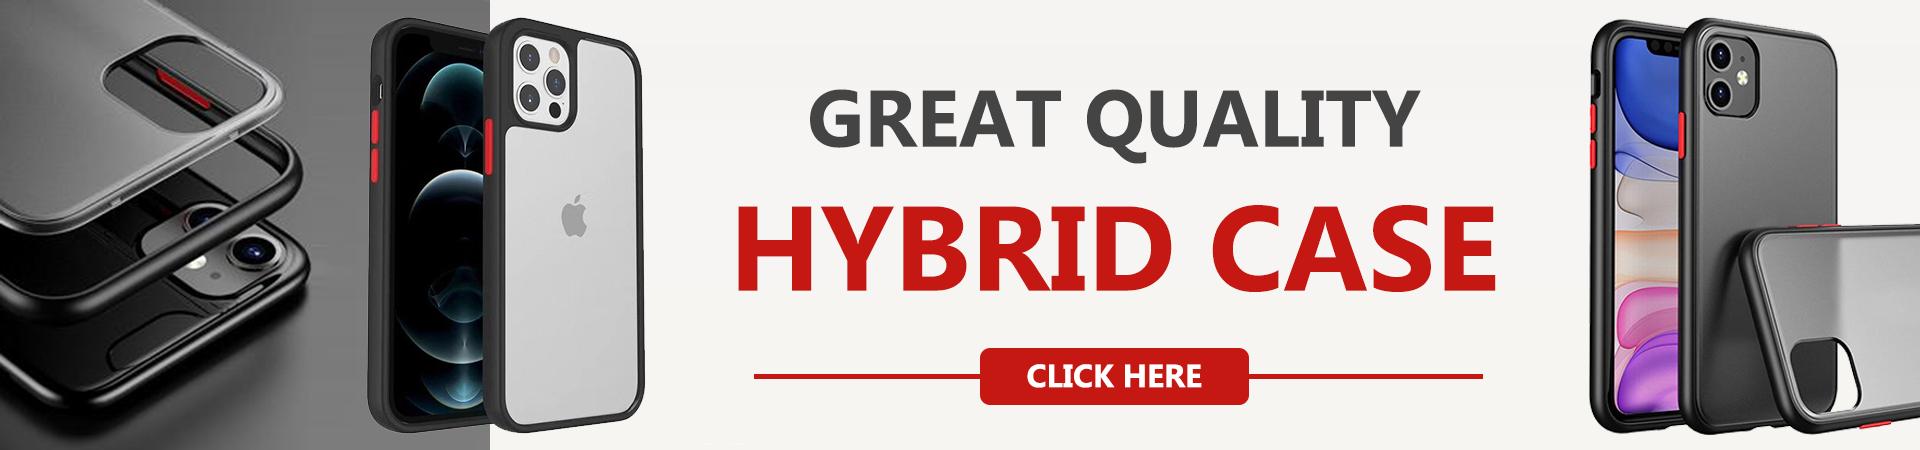 hybrid new